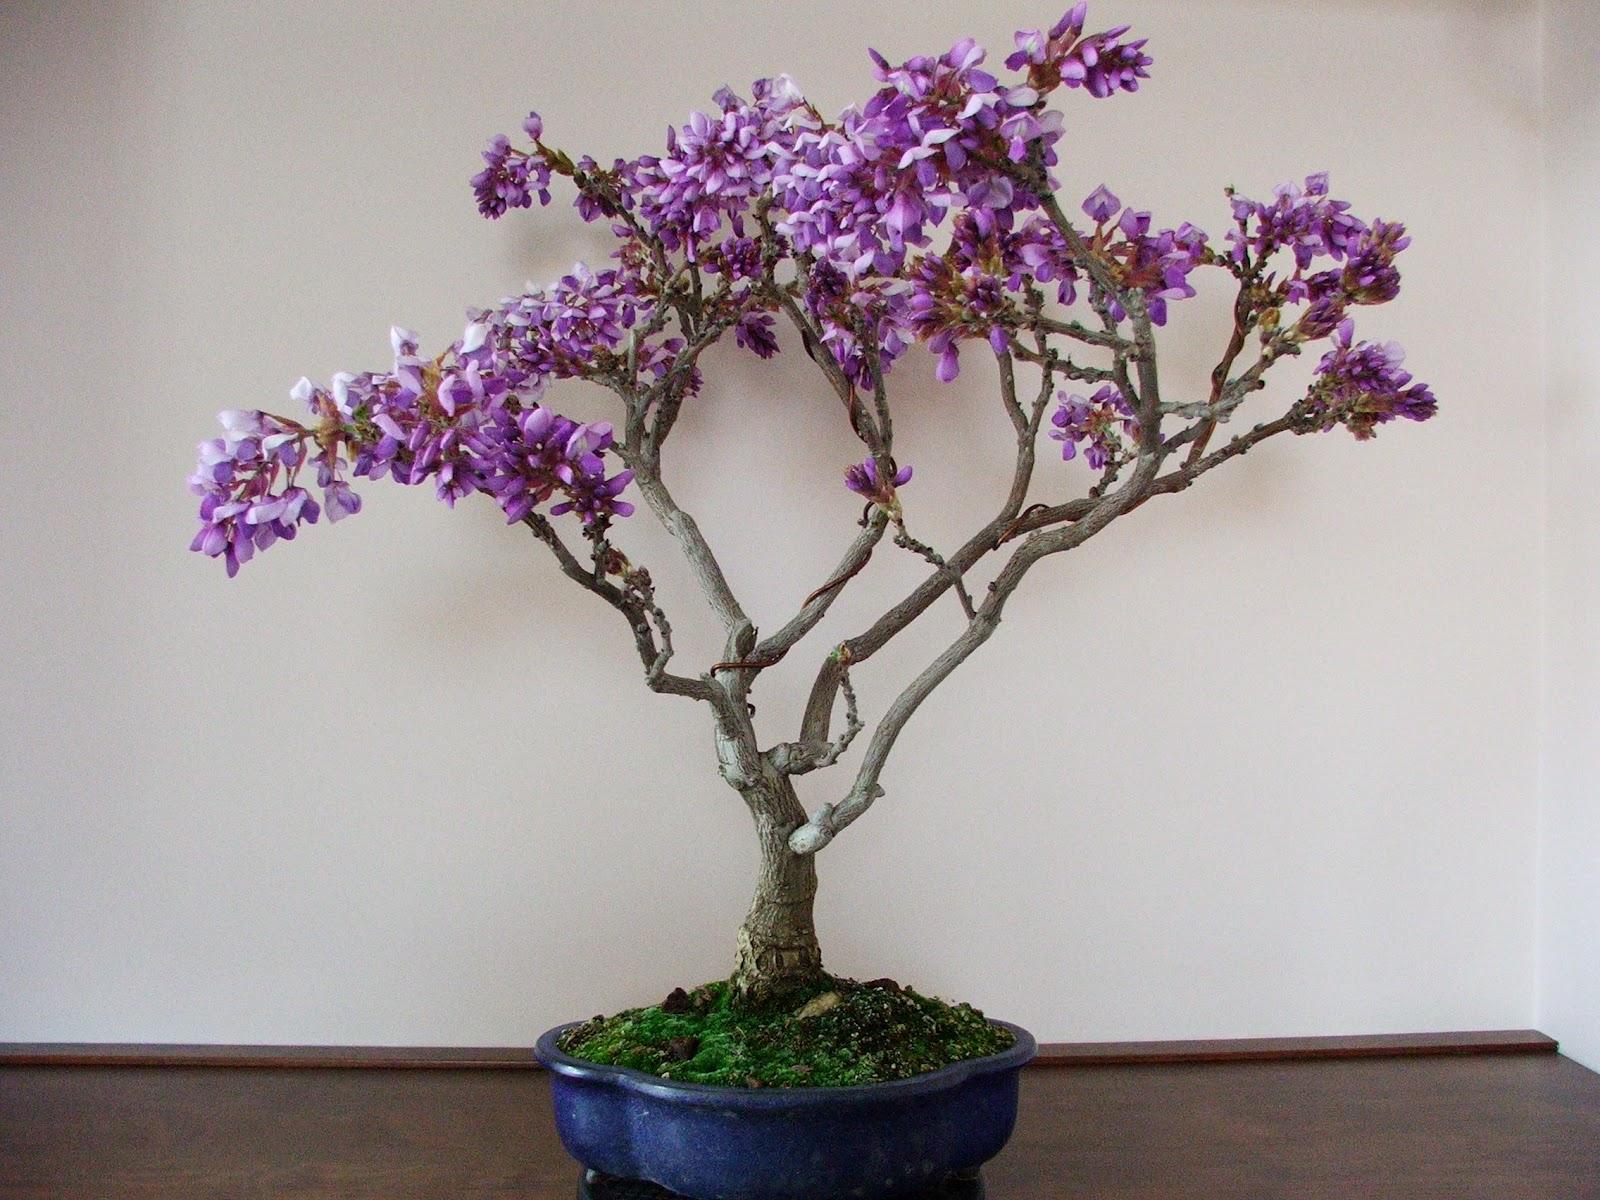 Evoluzione Bonsai Bonsai Di Glicine Wisteria Floribunda